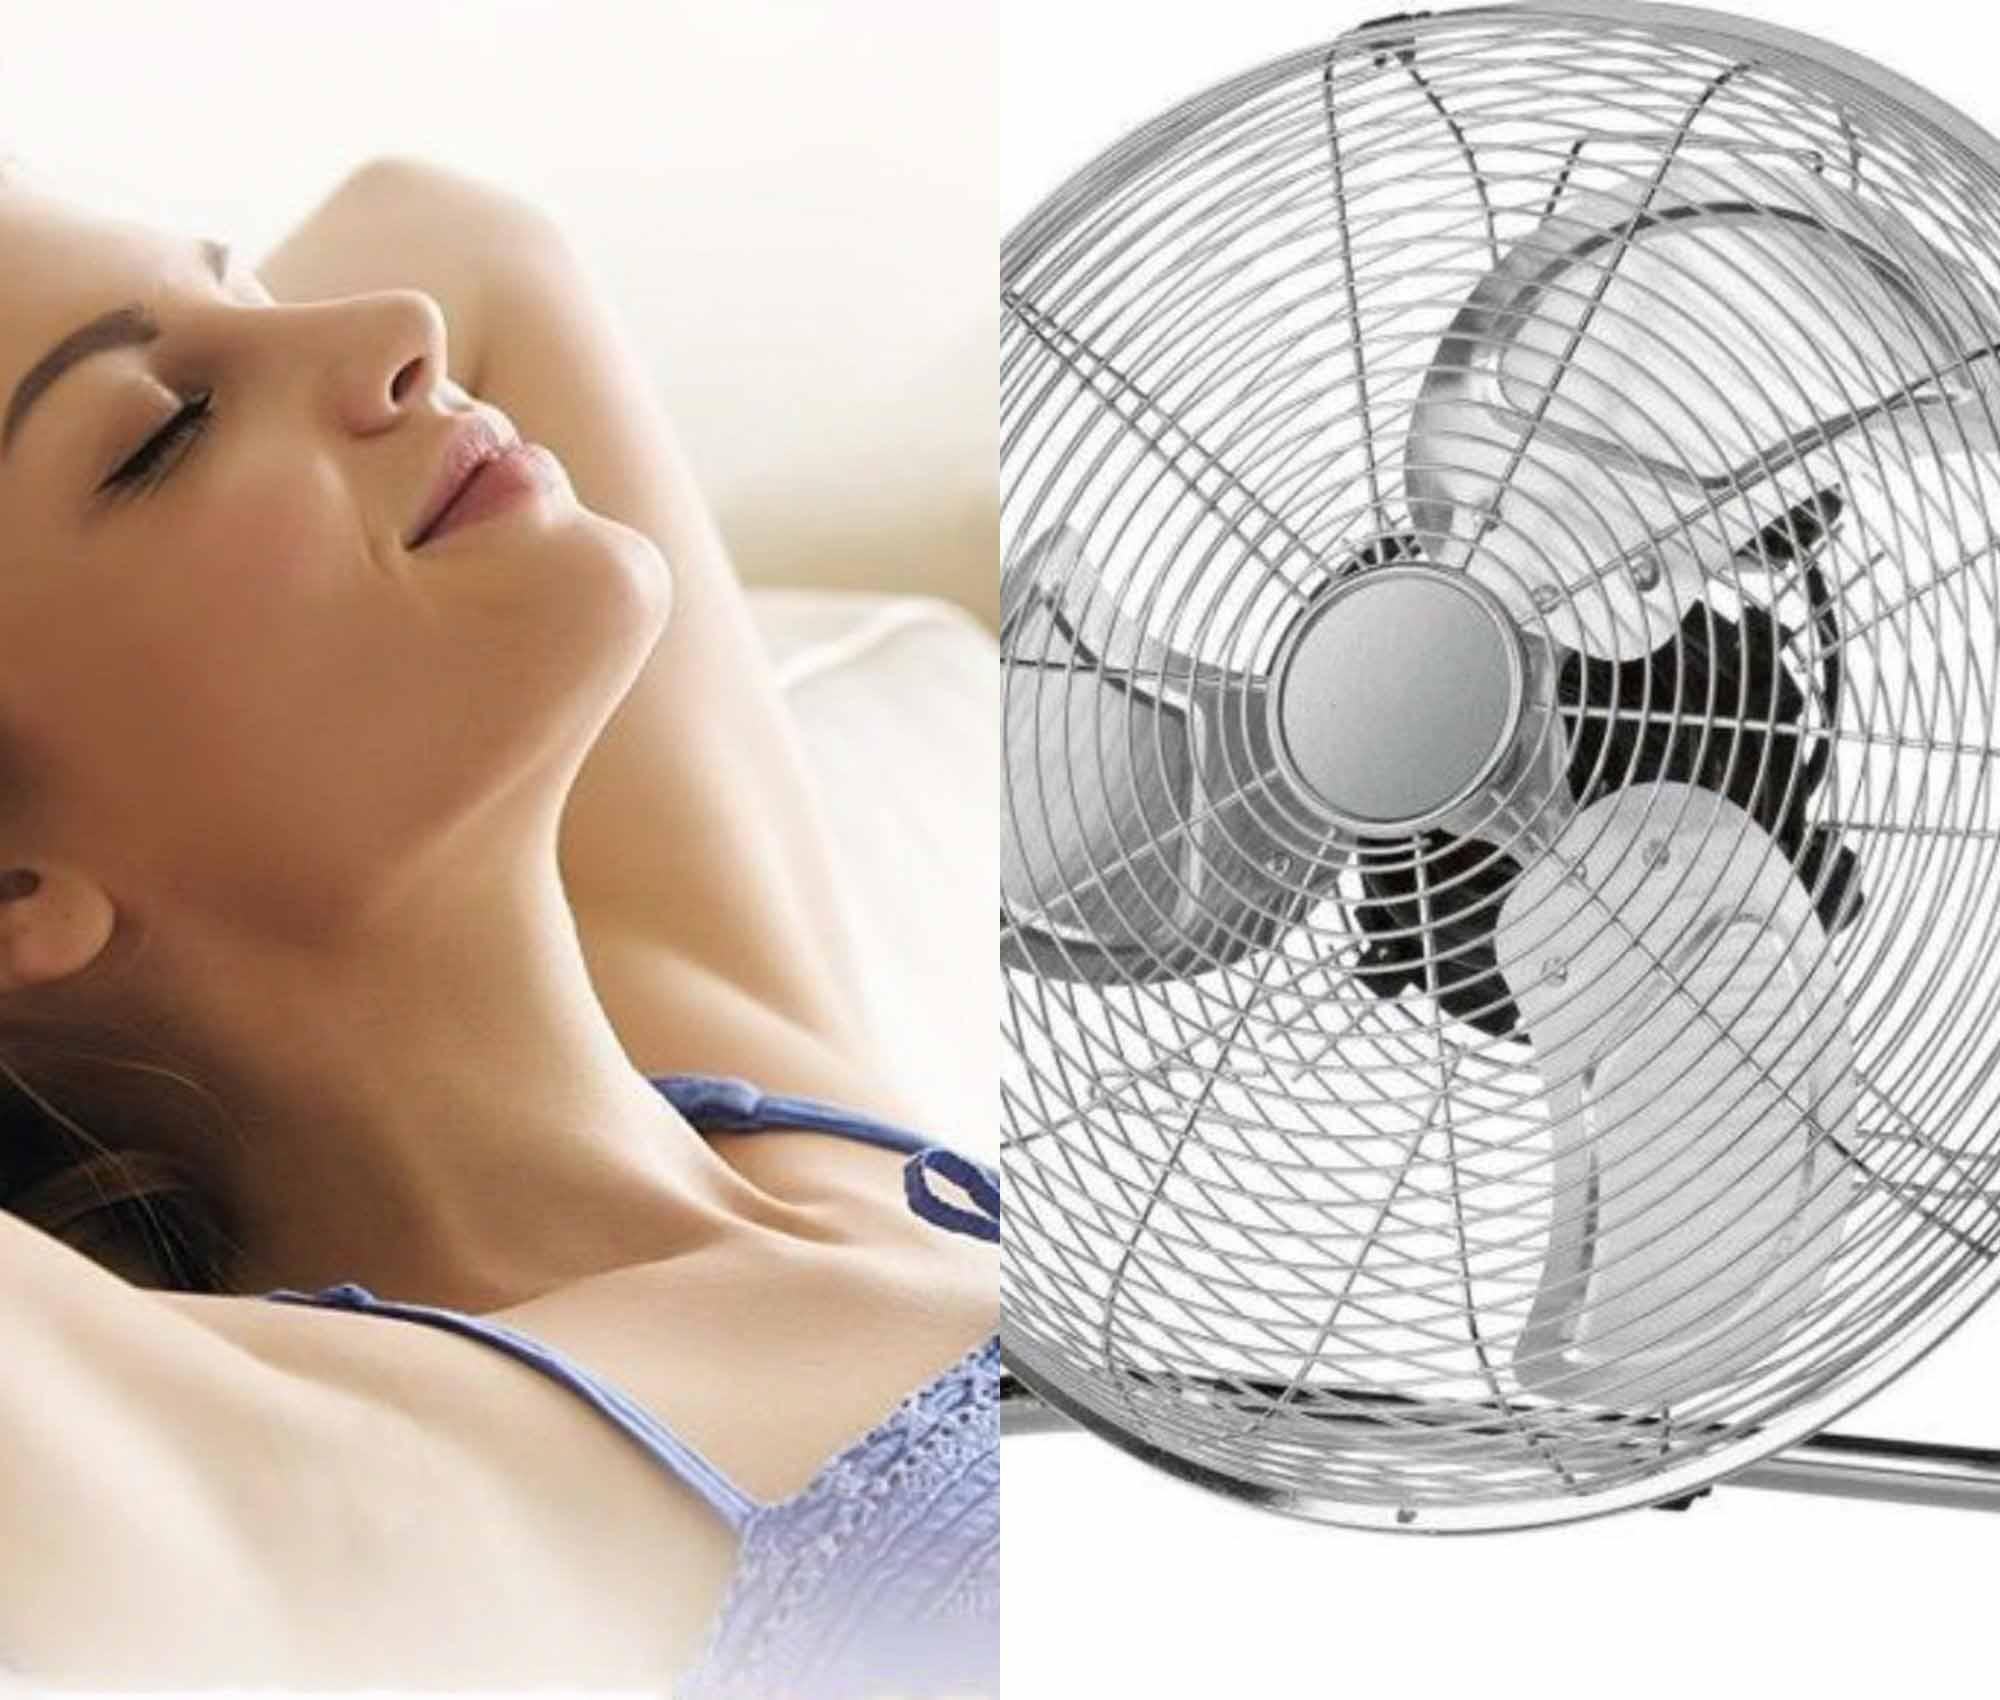 Электрические вентиляторы повышают кровяное давление